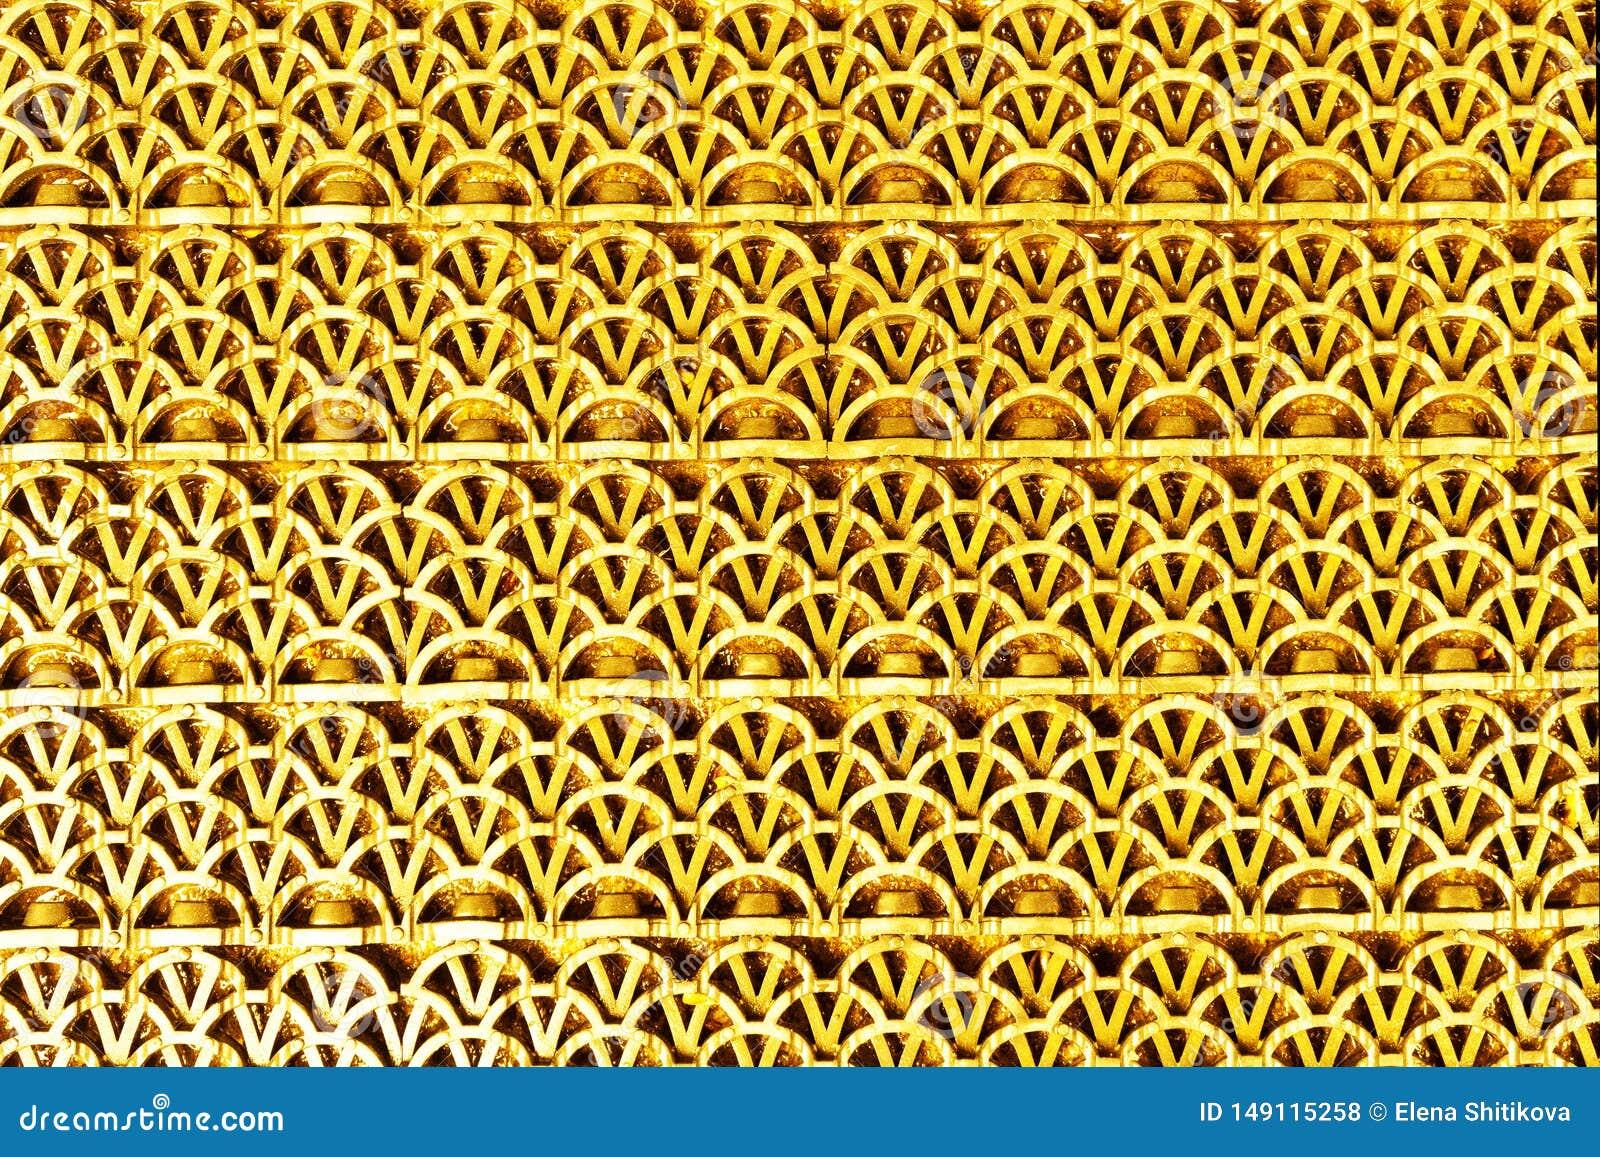 Gummi texturerat mattt av guld- färg